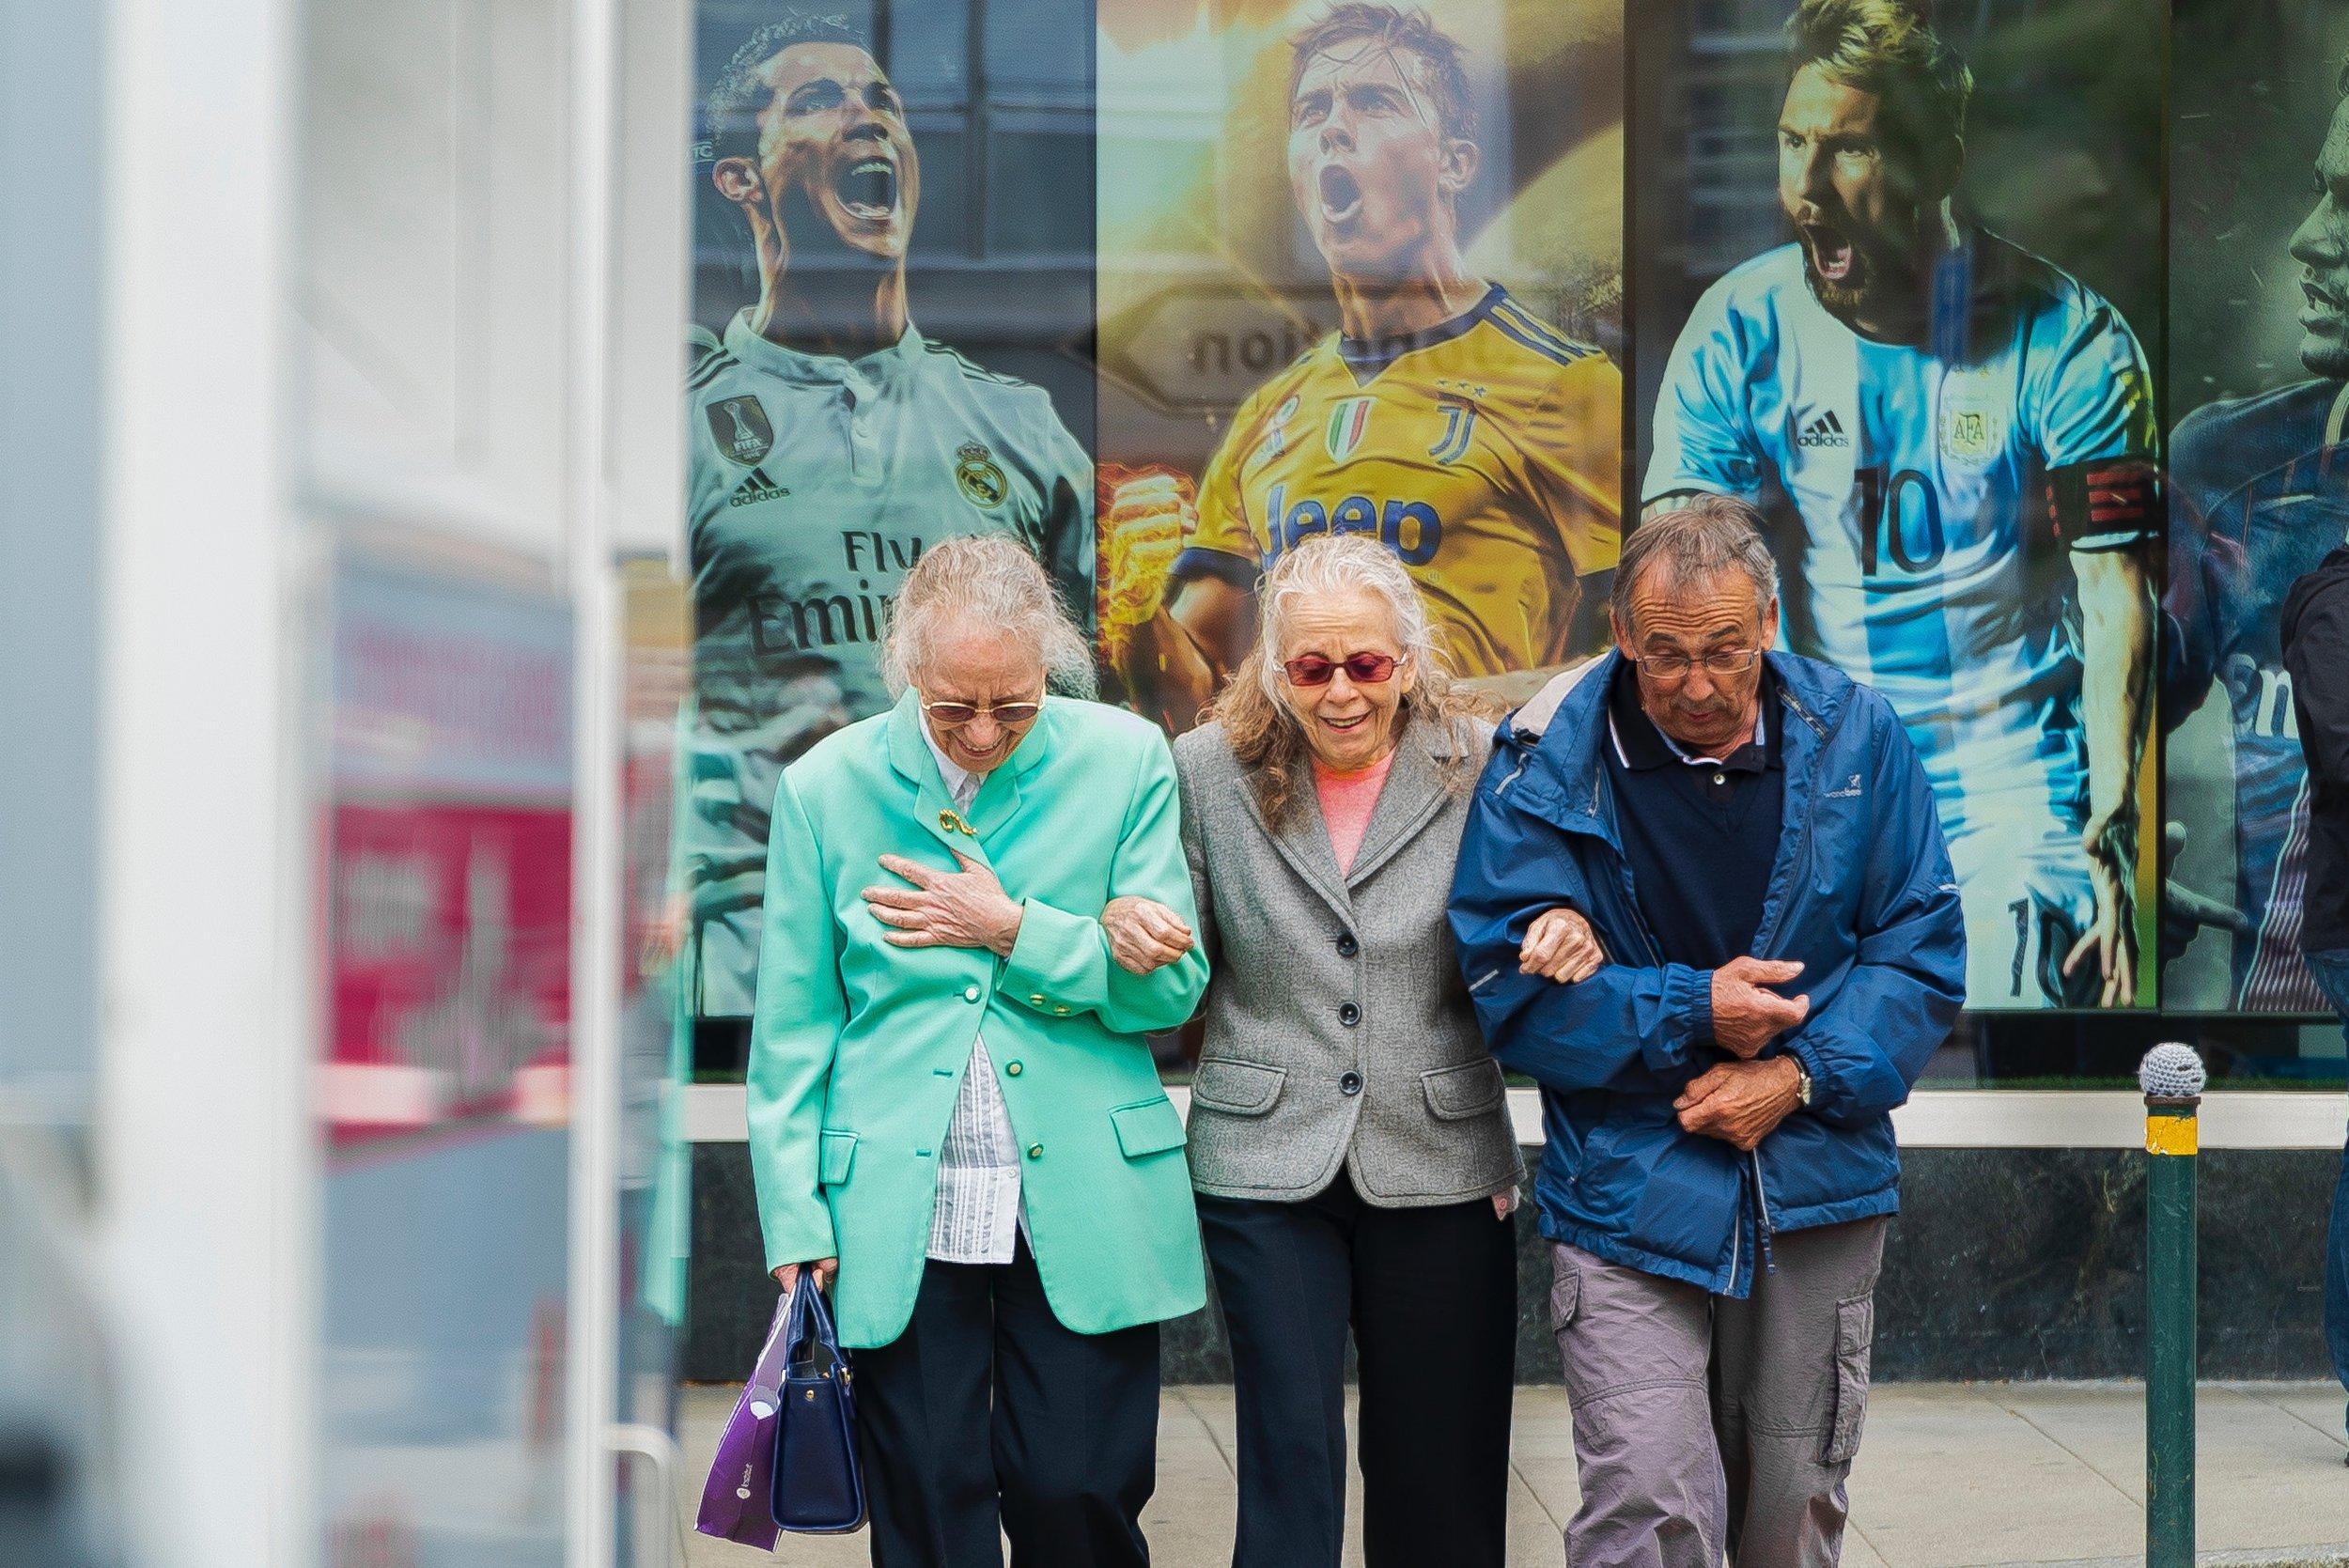 Happy elderly friends walking down the street